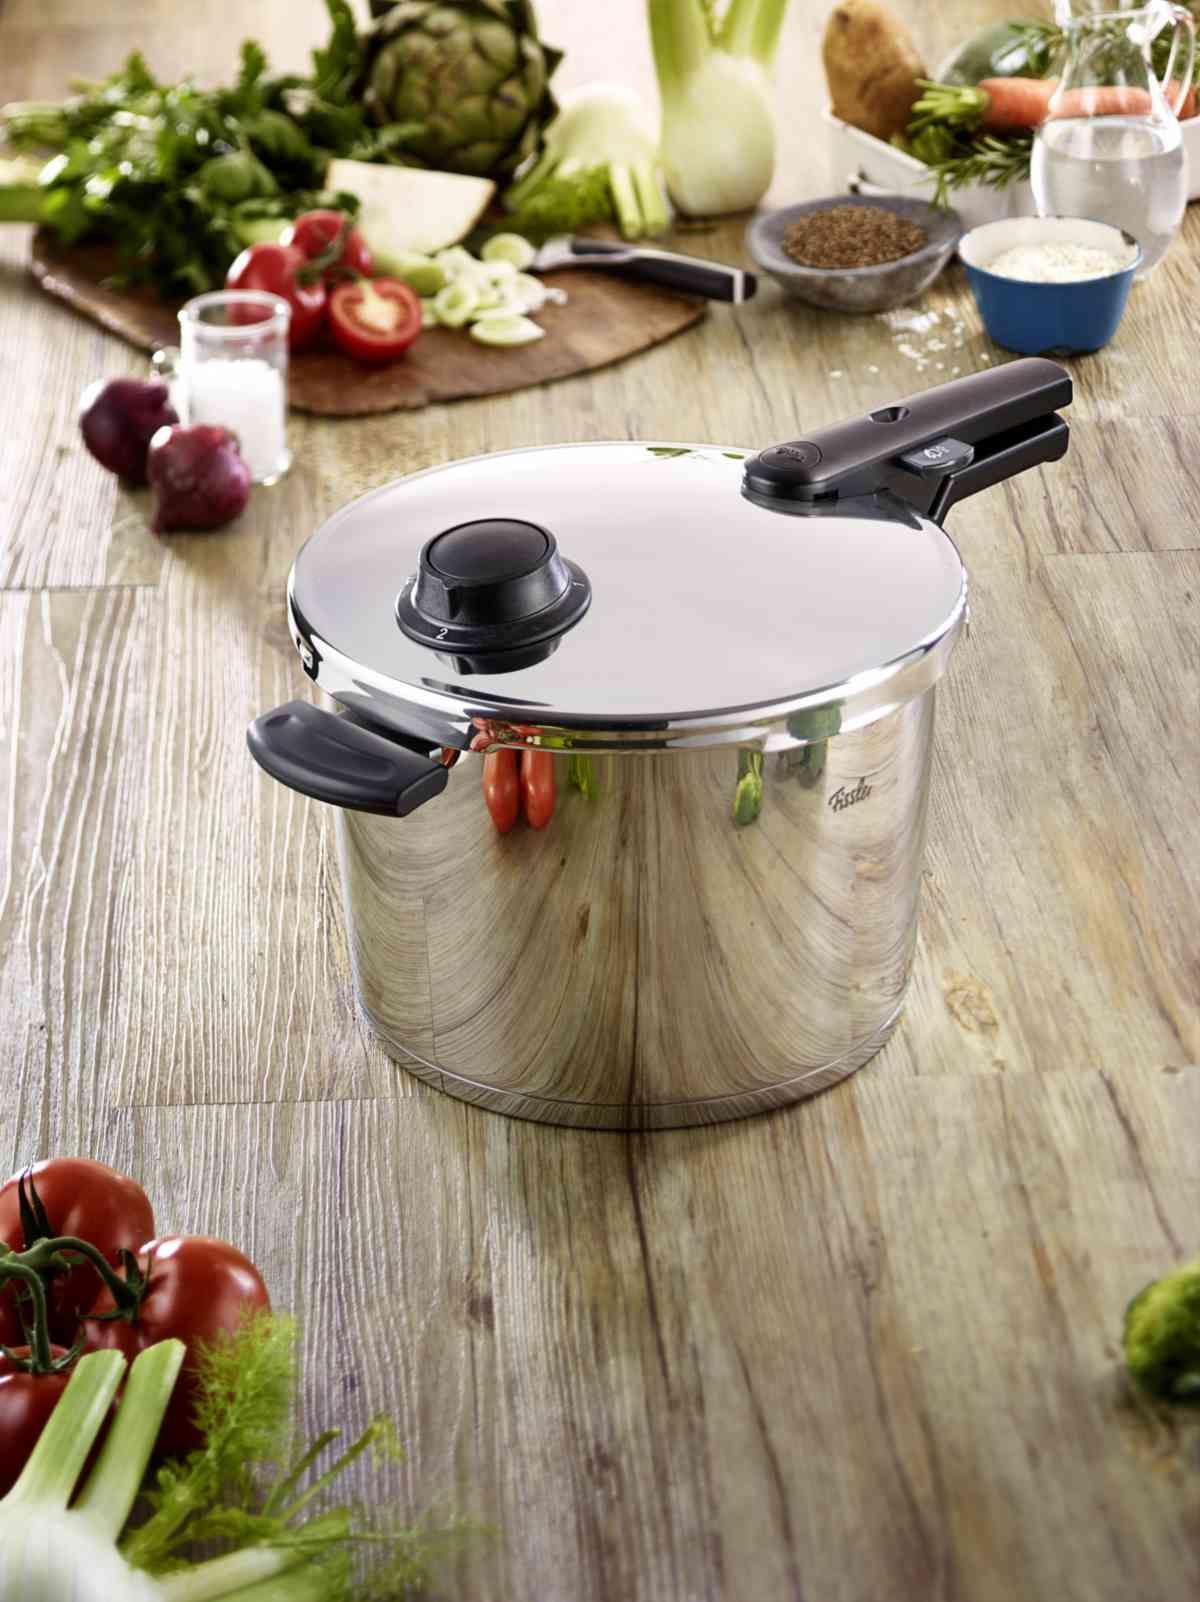 vitavit® comfort Schnellkochtopf 26 cm / 8 Liter ohne Einsatz